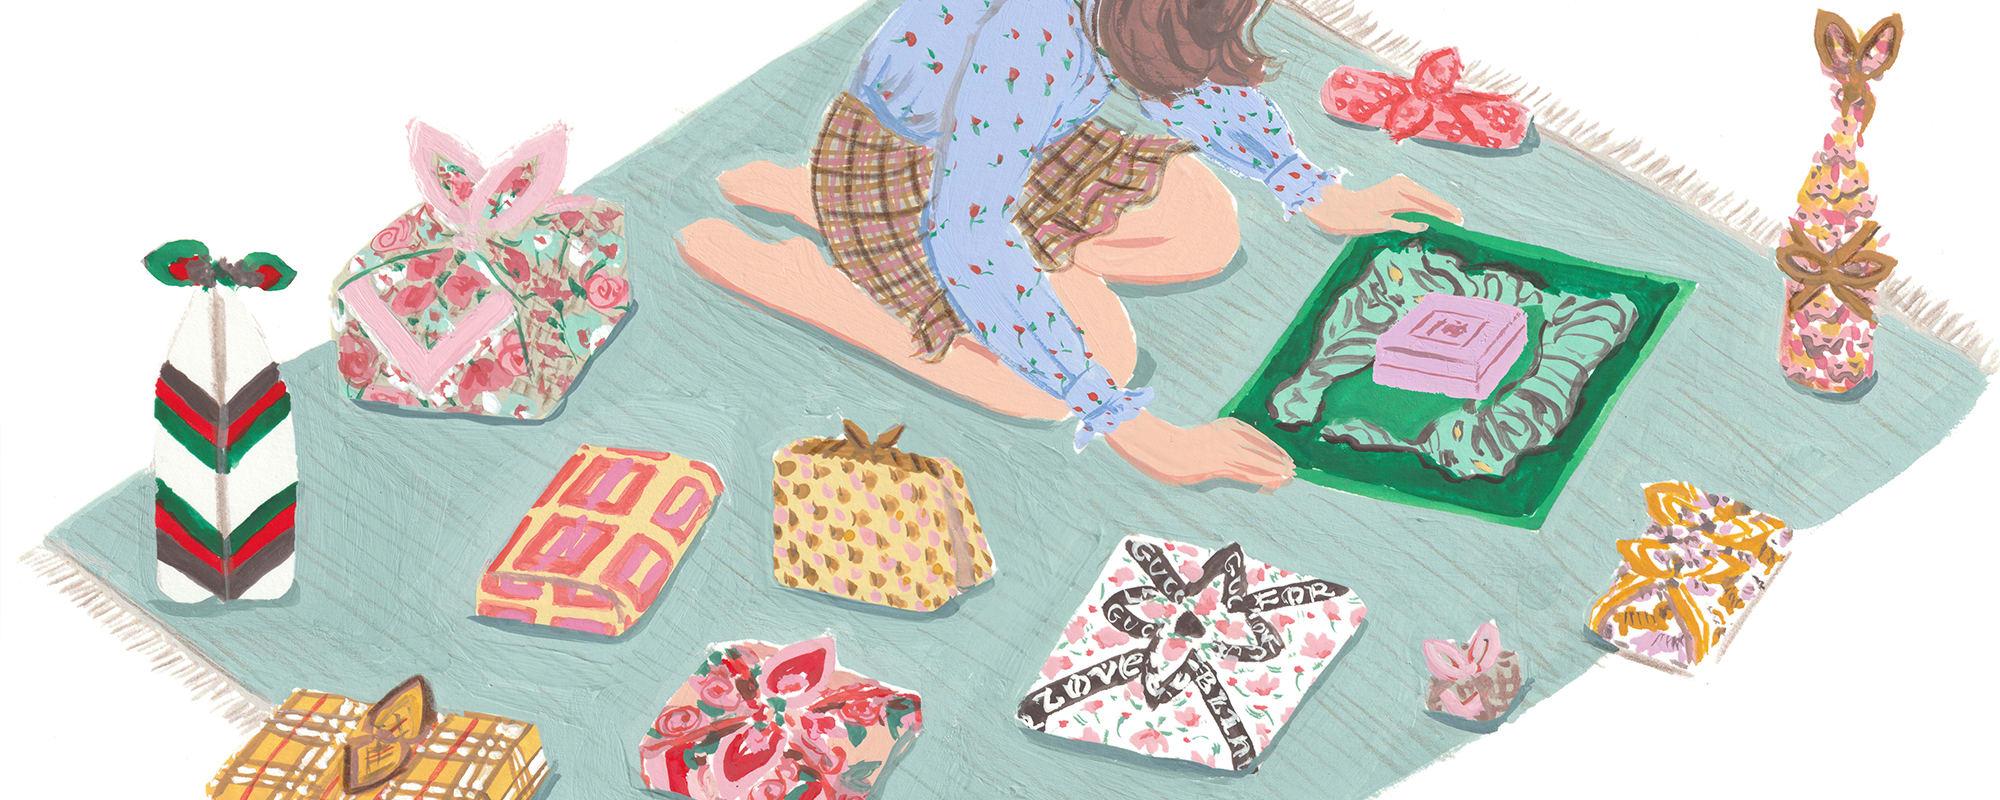 Giftwrapping, Furoshiki, Jaqueline Diedam, ADventskalender, Geschenke einpacken, Inspiration, Hermès, Gucci, Golce&Gabbana, Tuch, Tuchgeschenk, Geschenk,